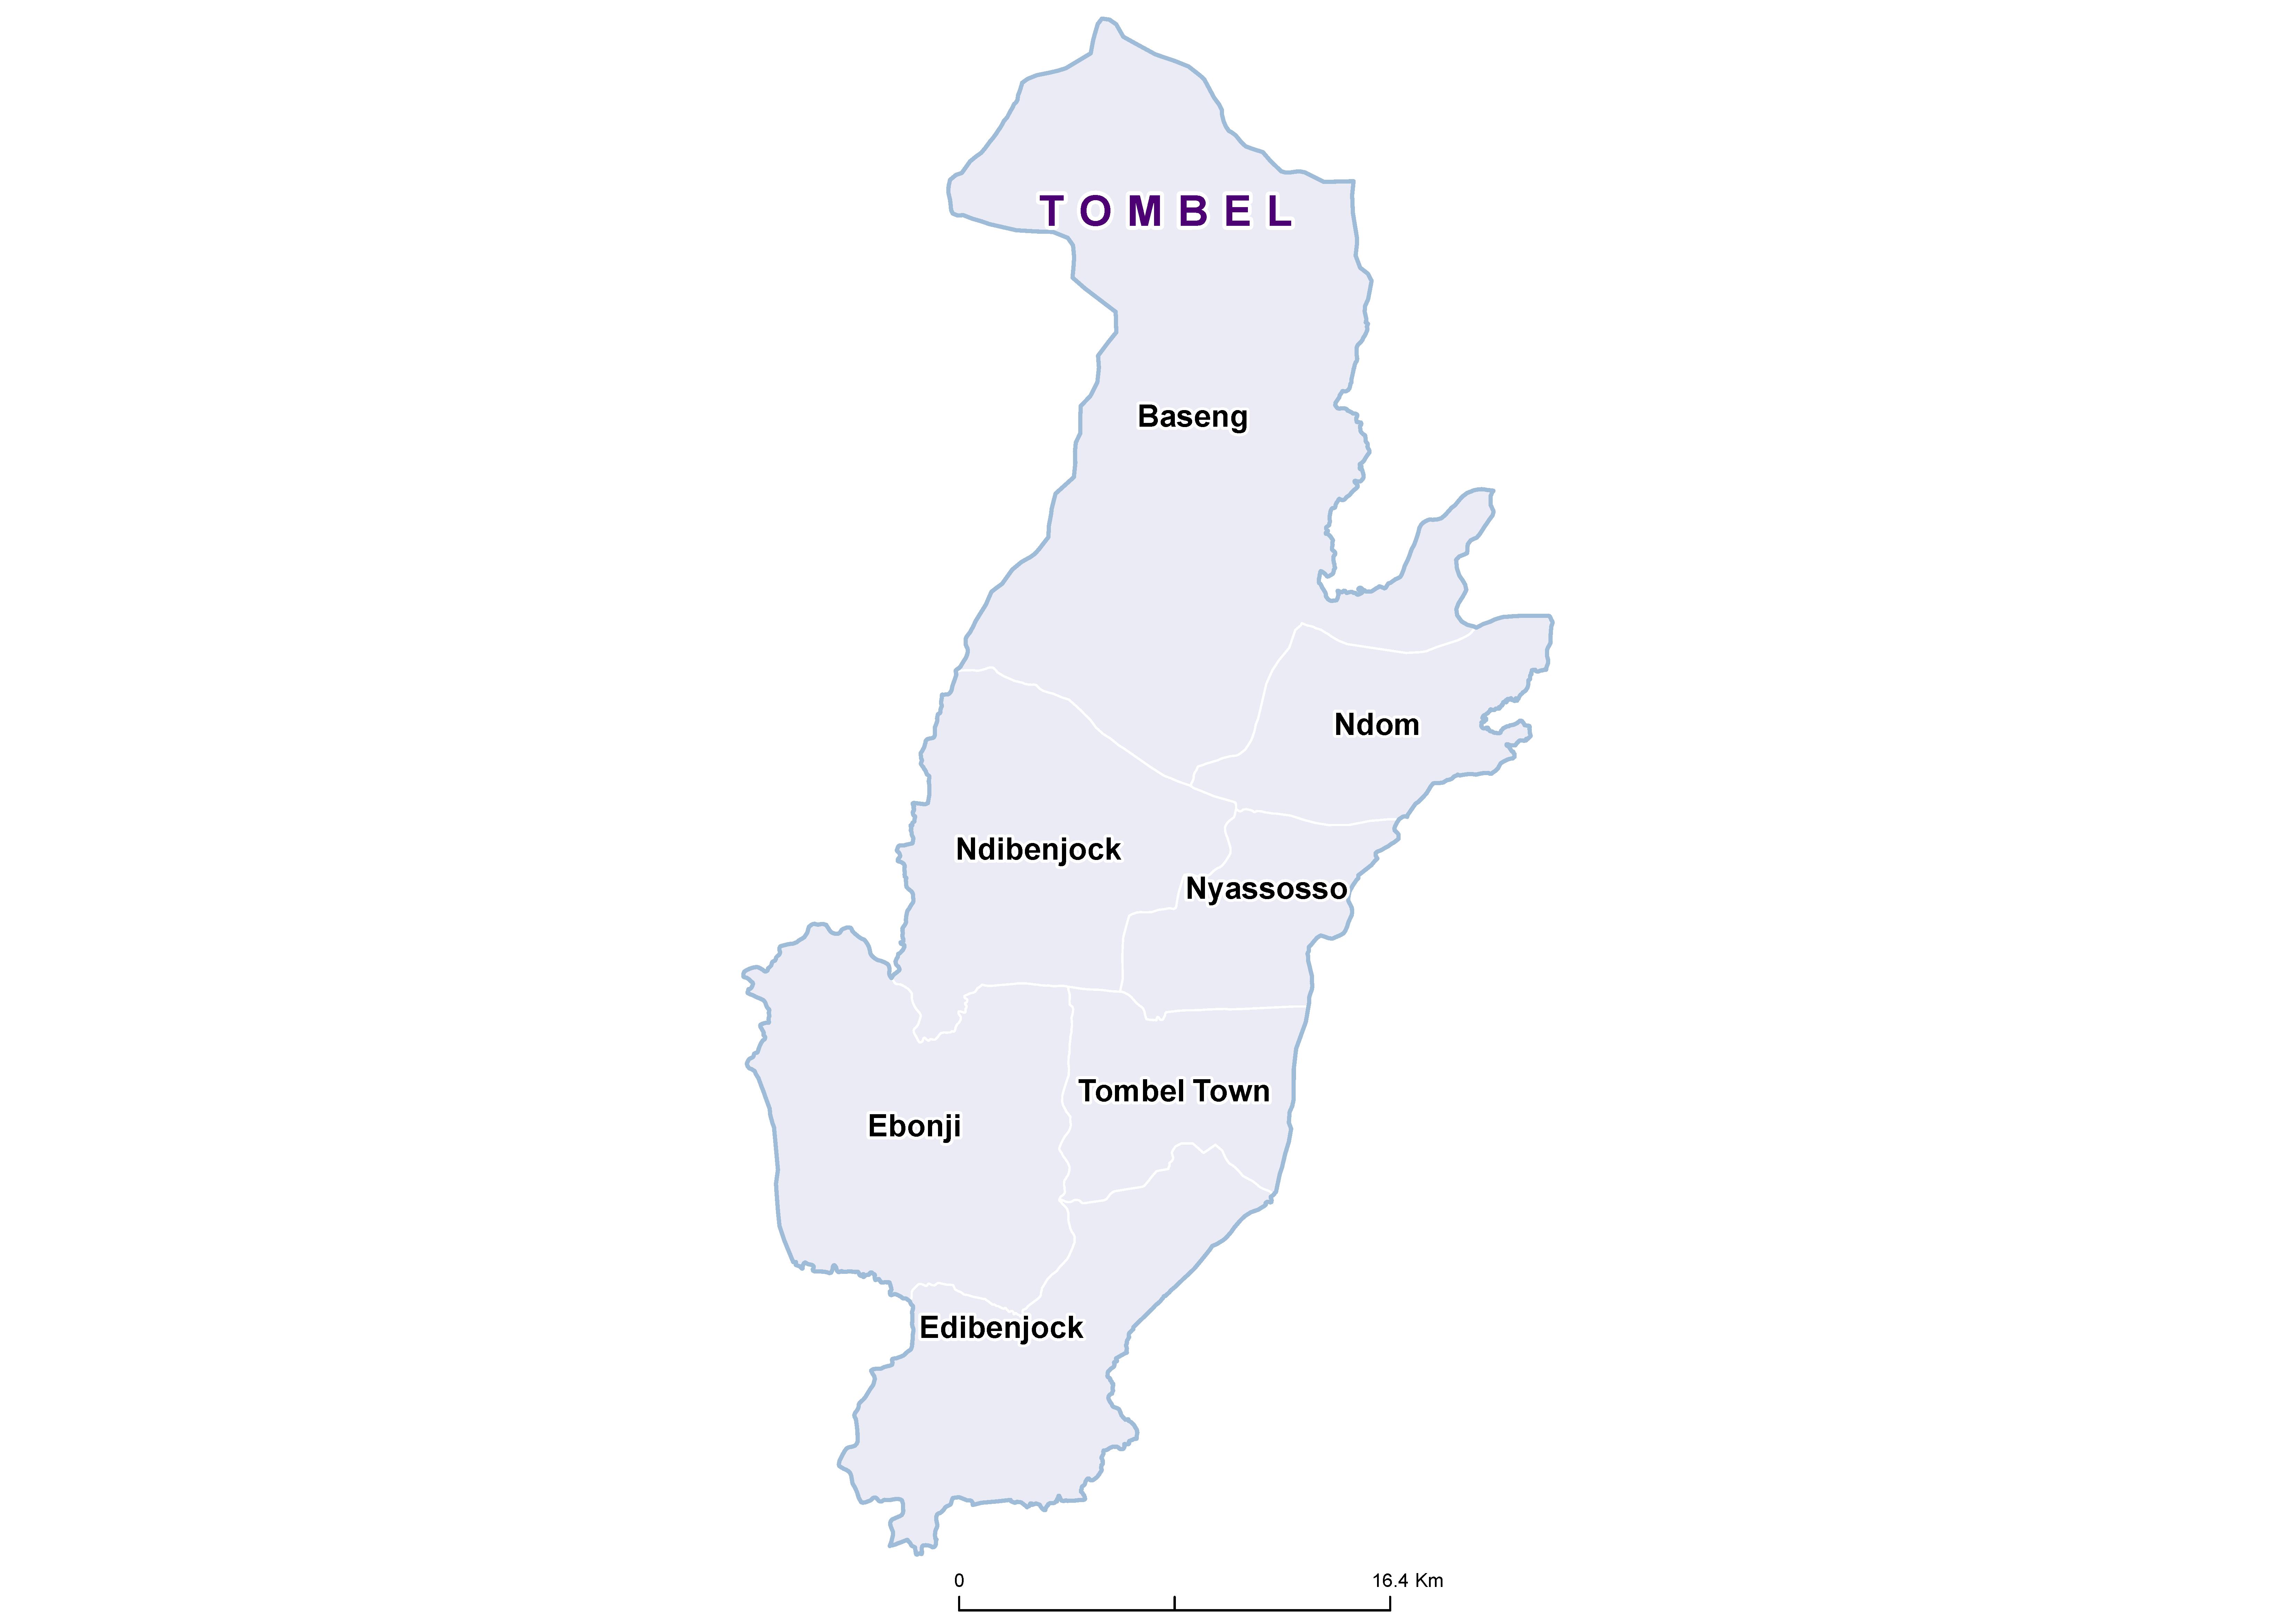 Tombel STH 20180001